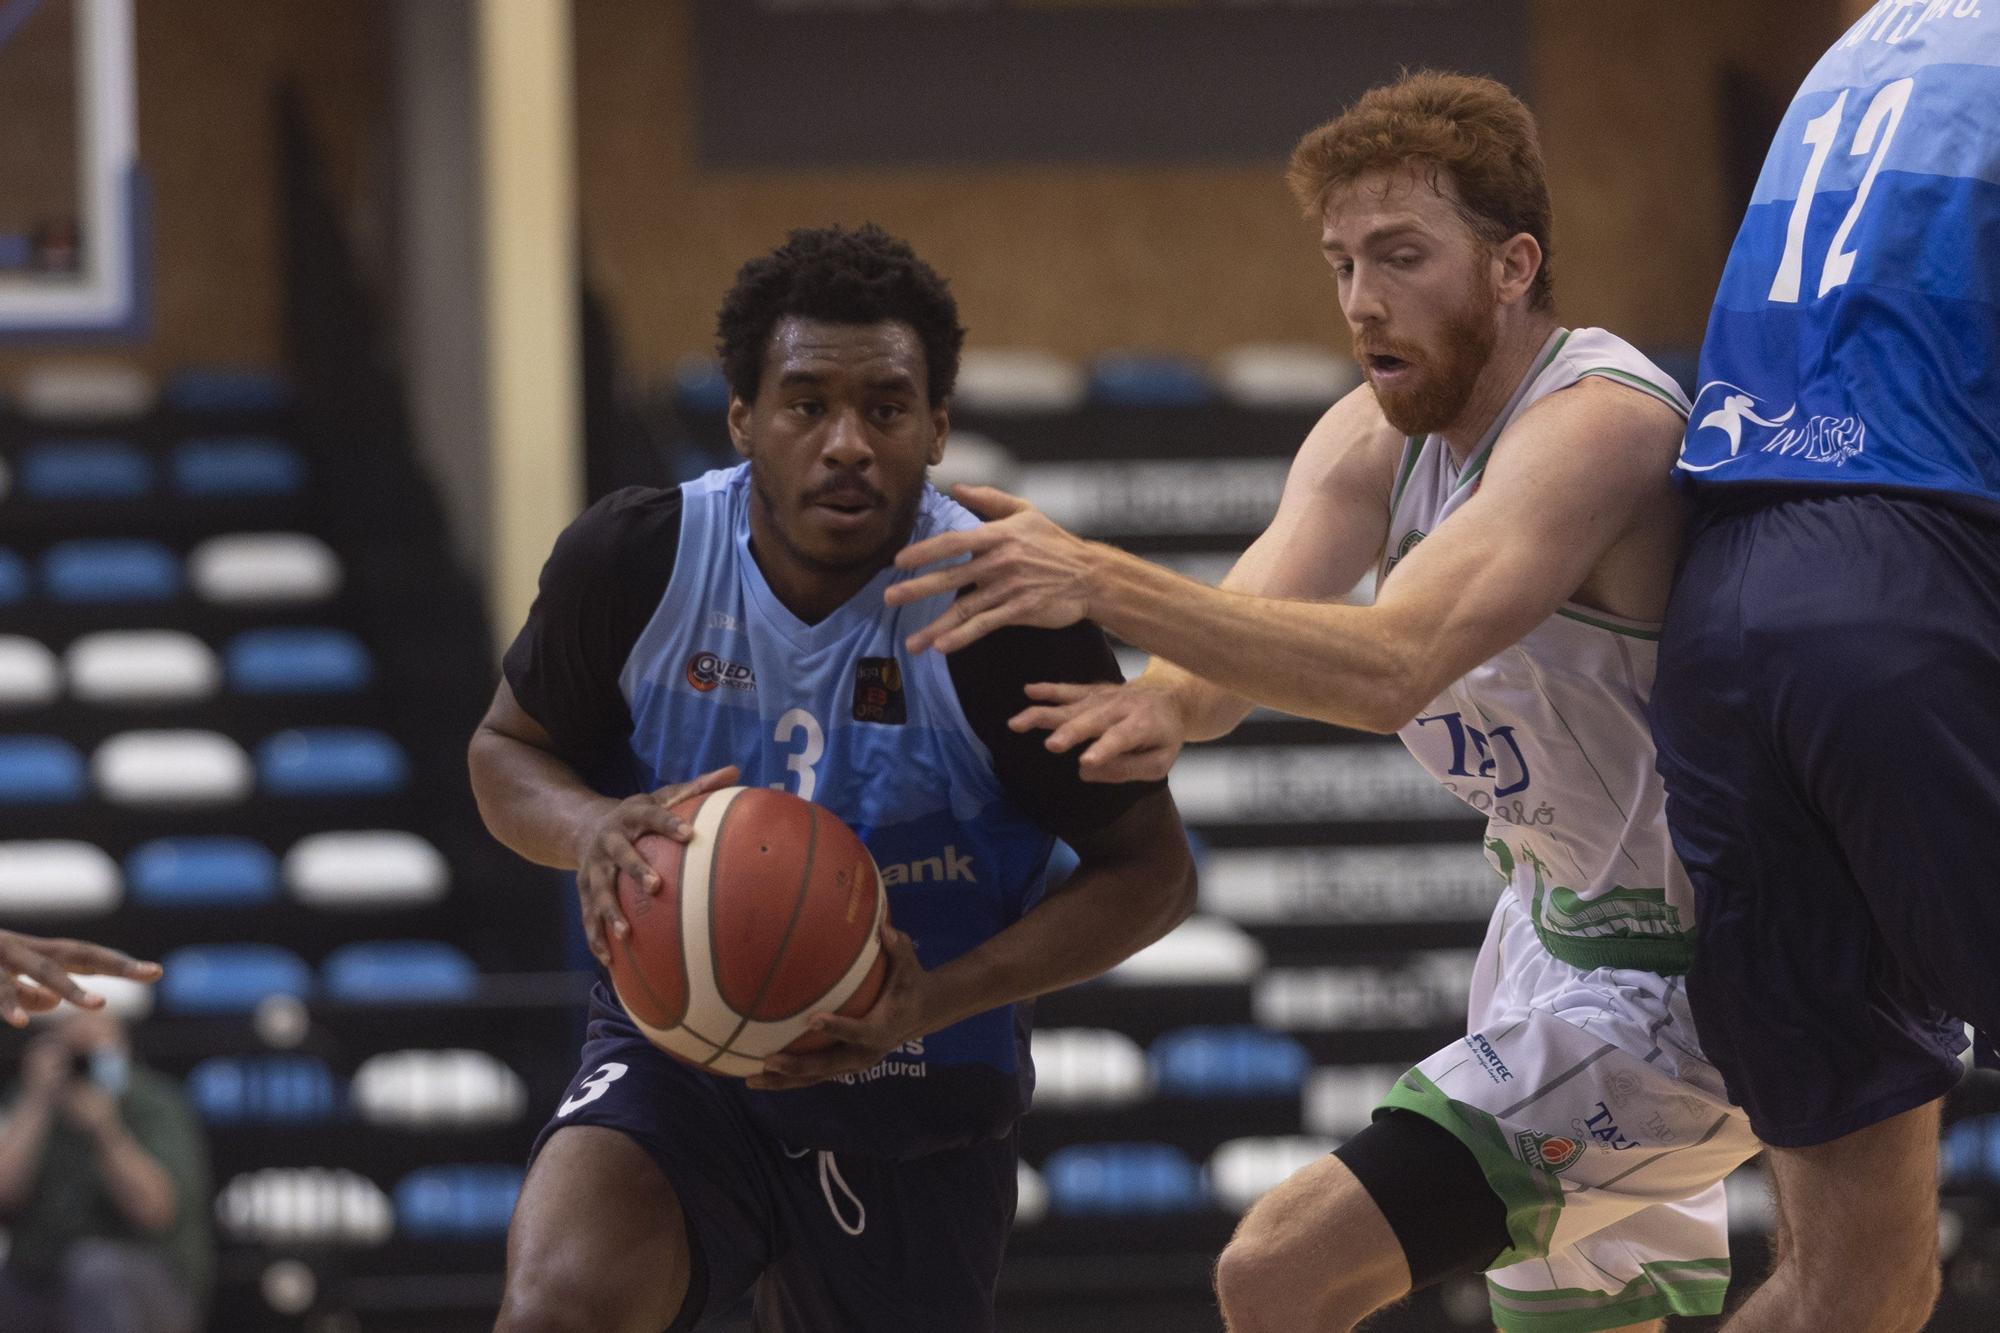 Nuevo recital del Oviedo Baloncesto: gana al Castelló por 91-77